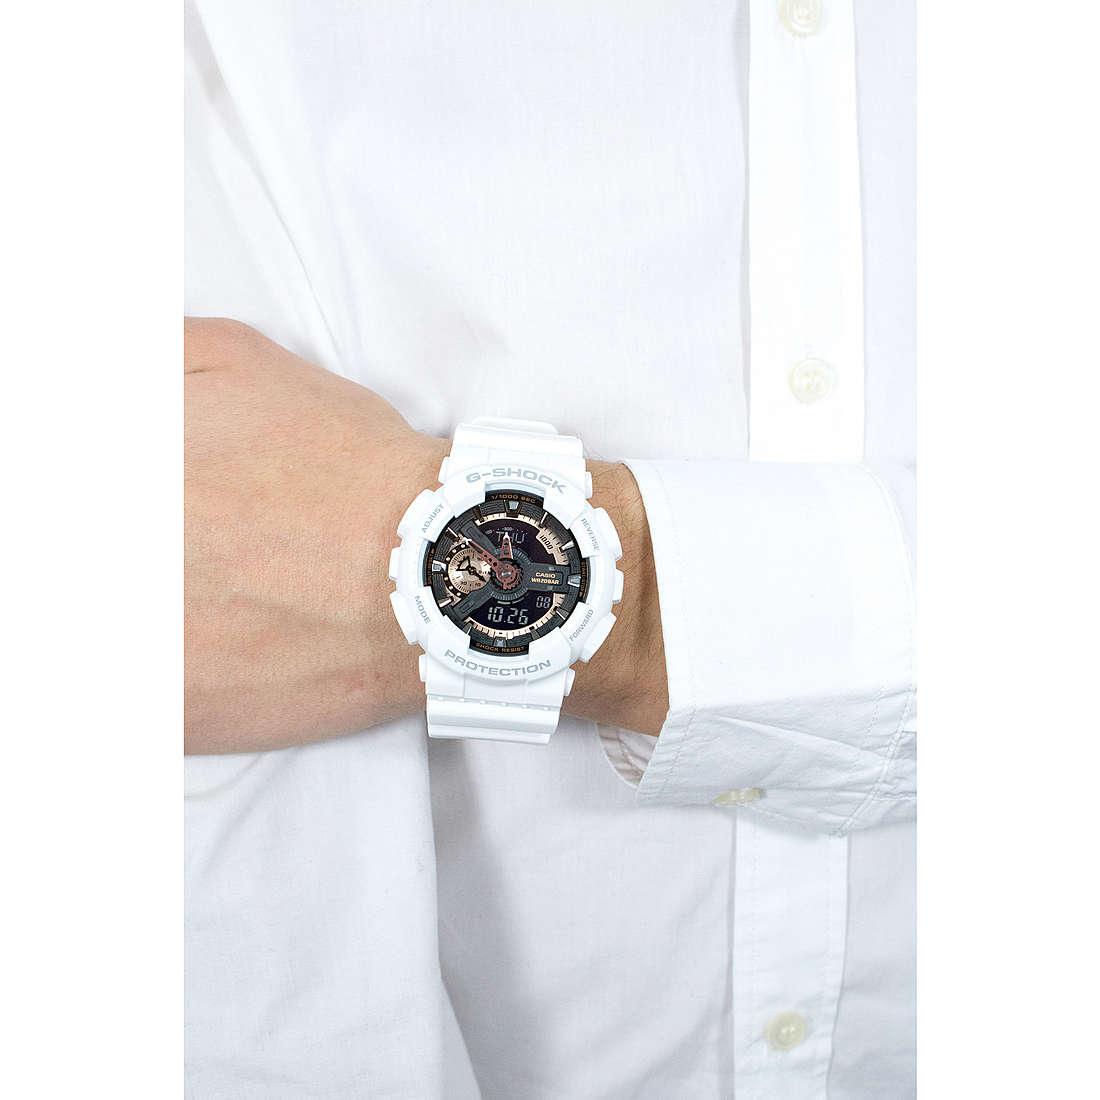 Casio numériques G-Shock homme GA-110RG-7AER photo wearing